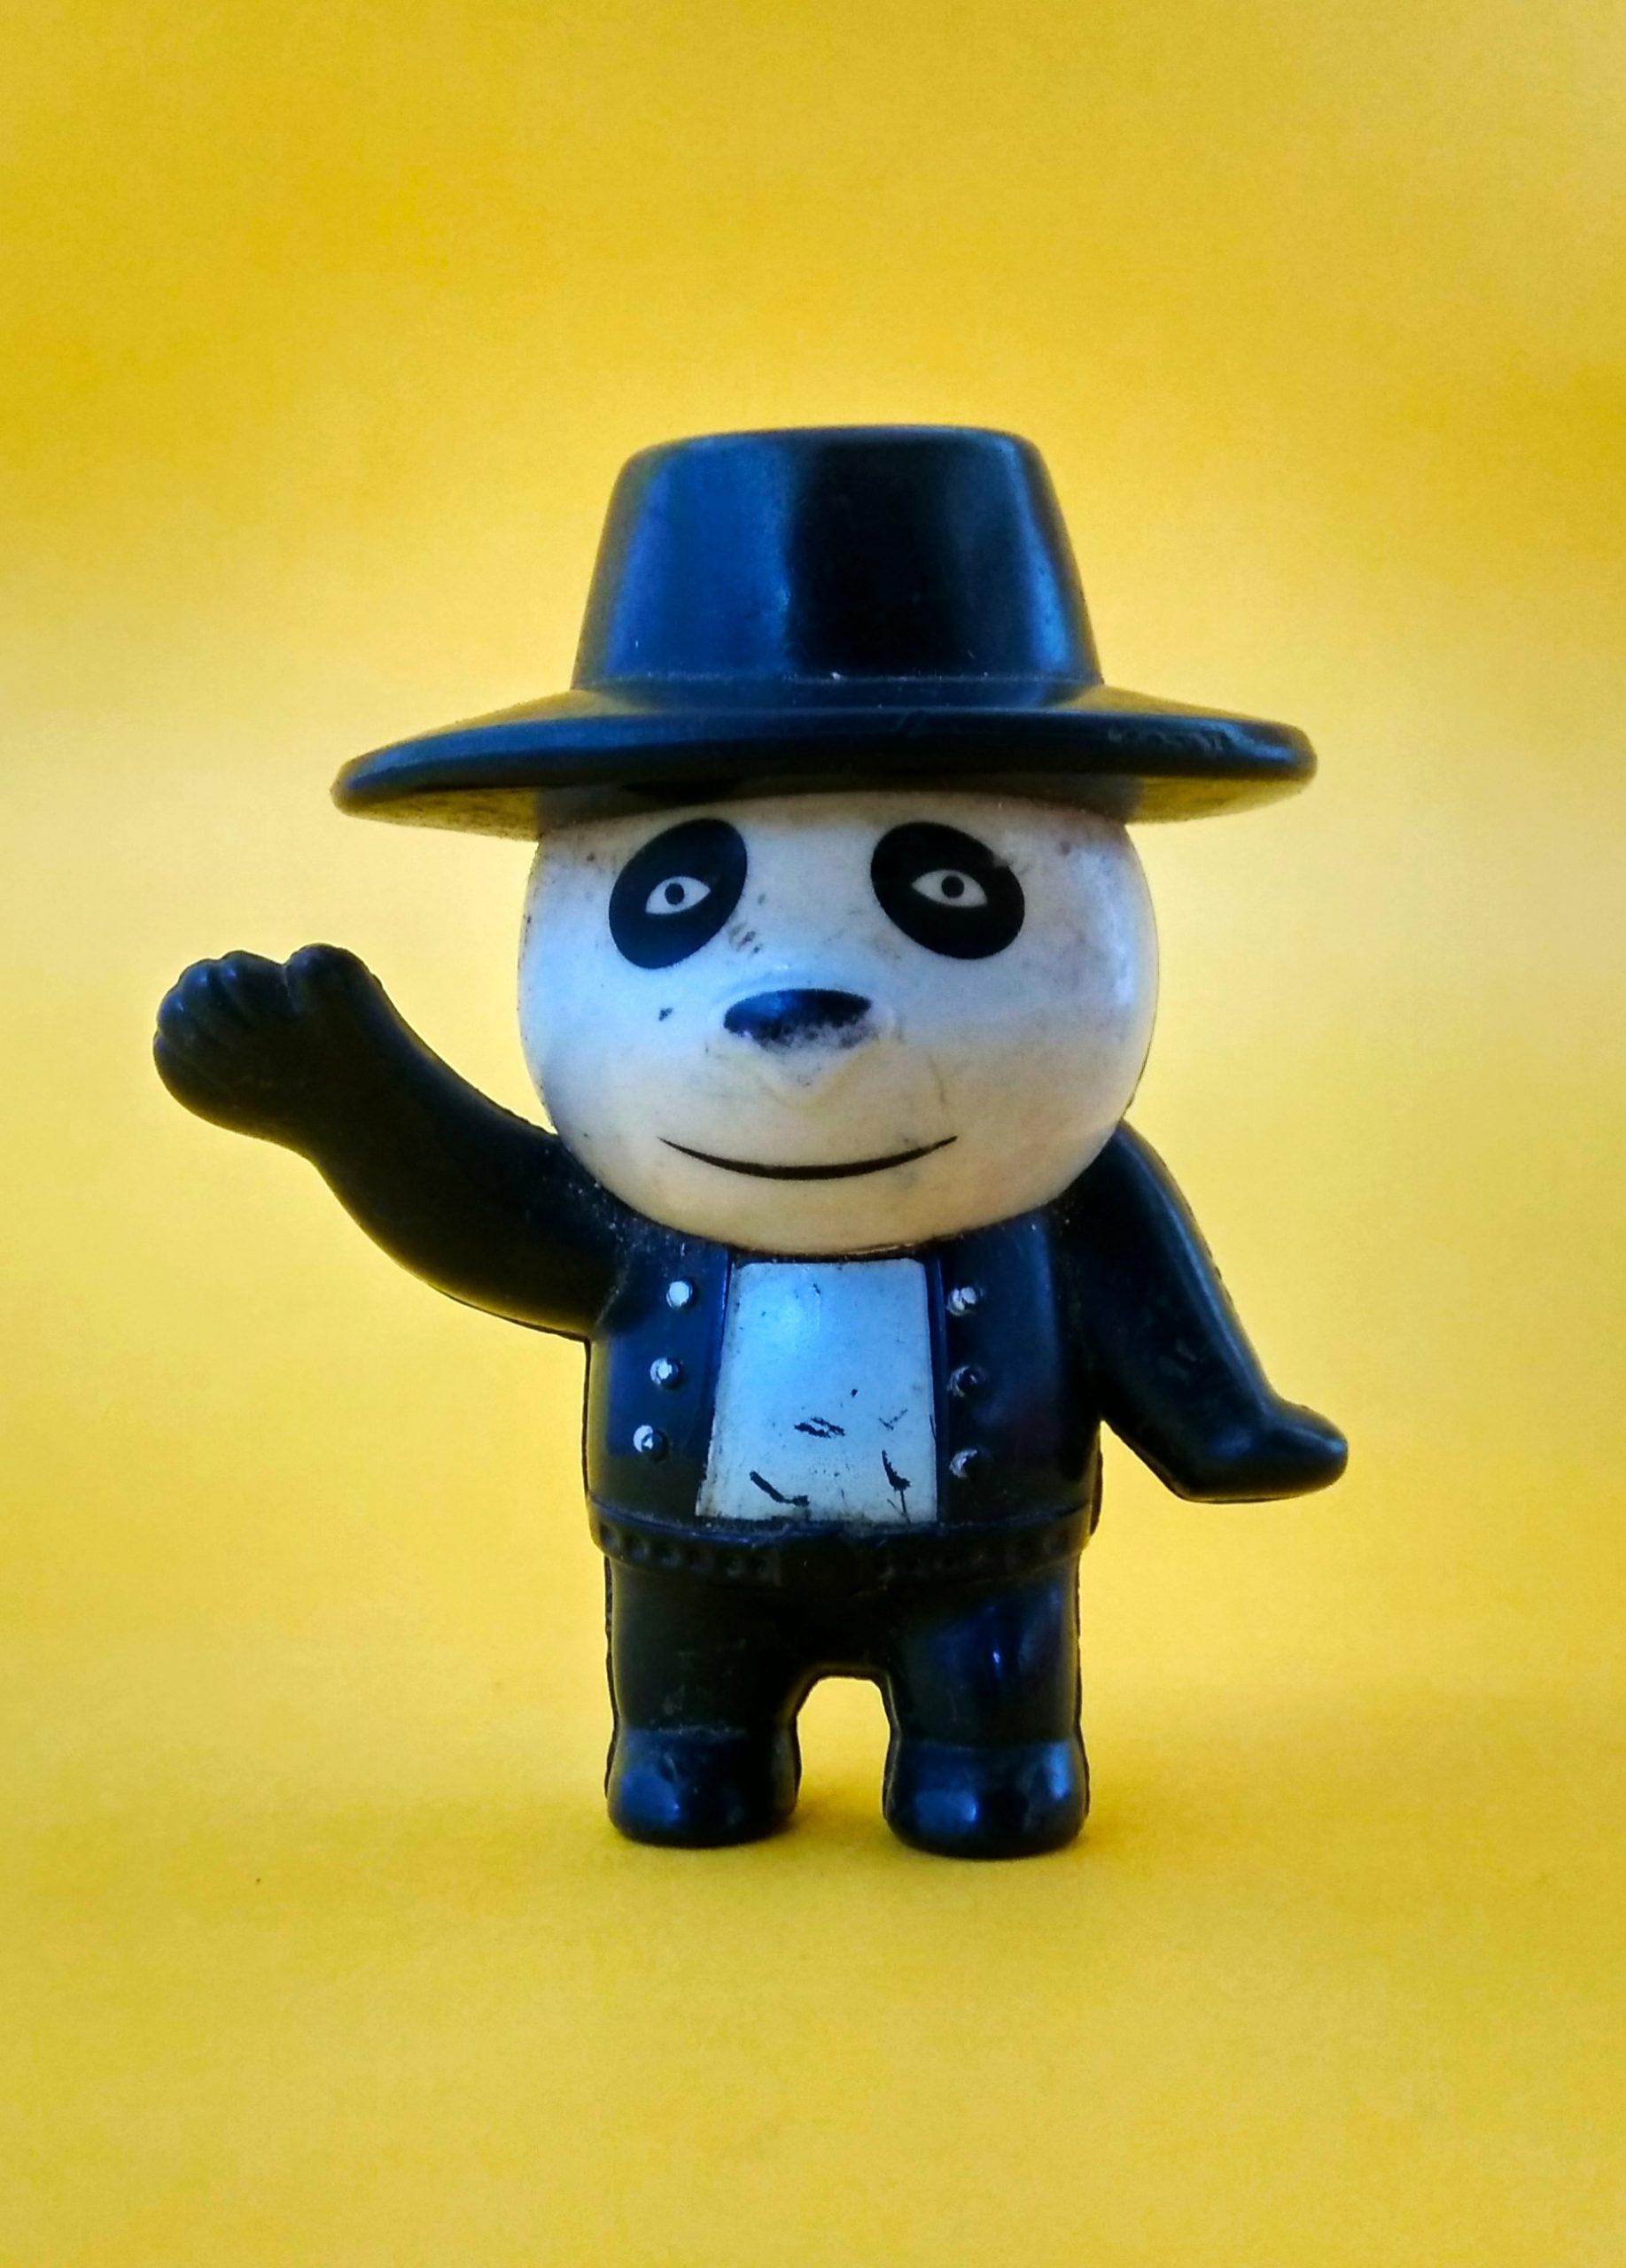 A panda toy